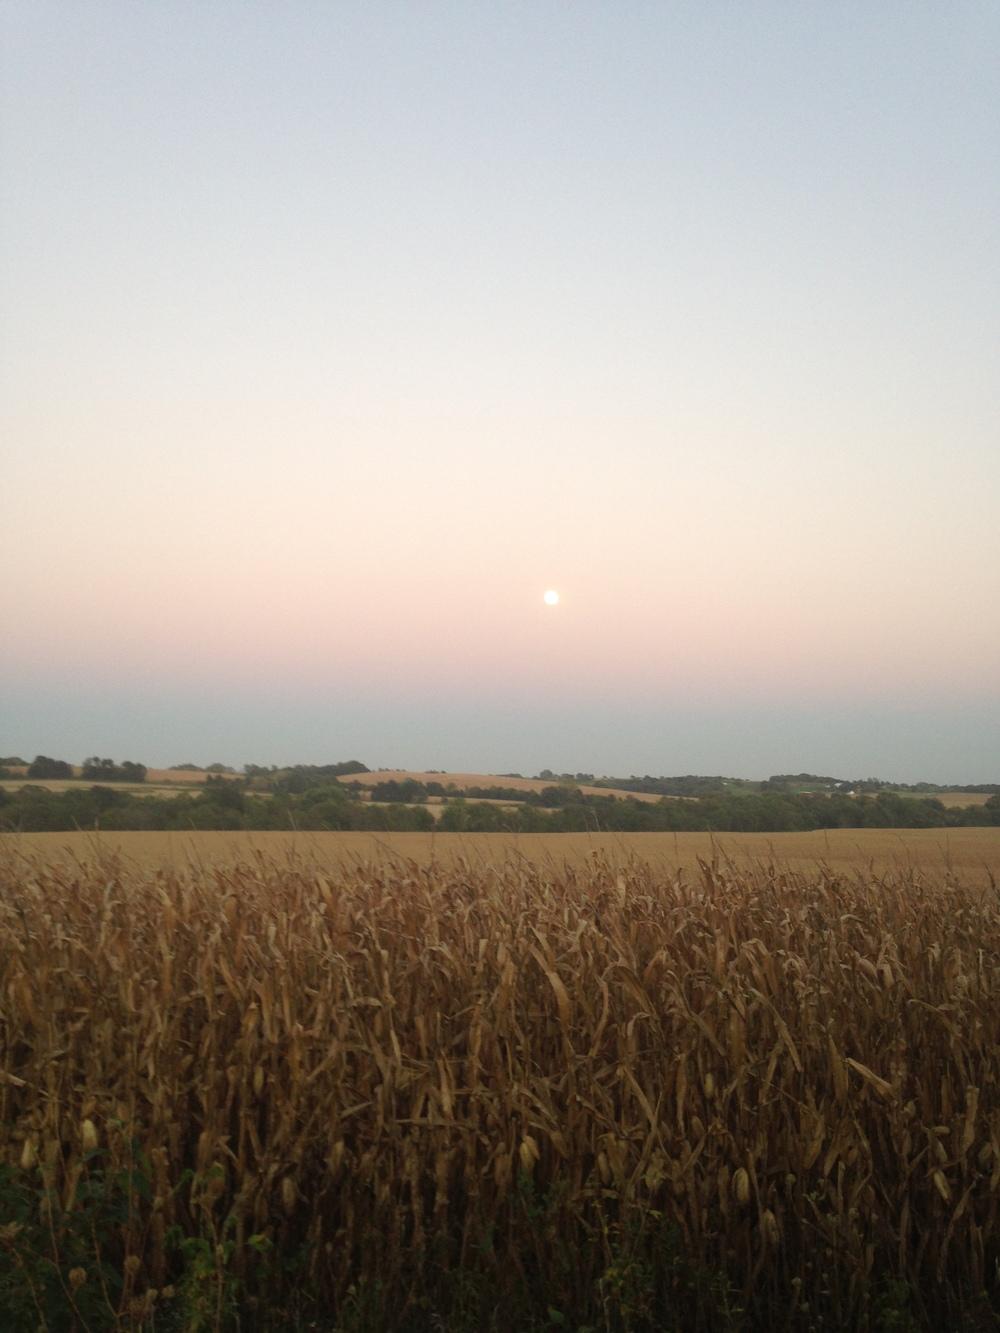 Beautiful-Fall-Moon-Over-Cornfield.jpg